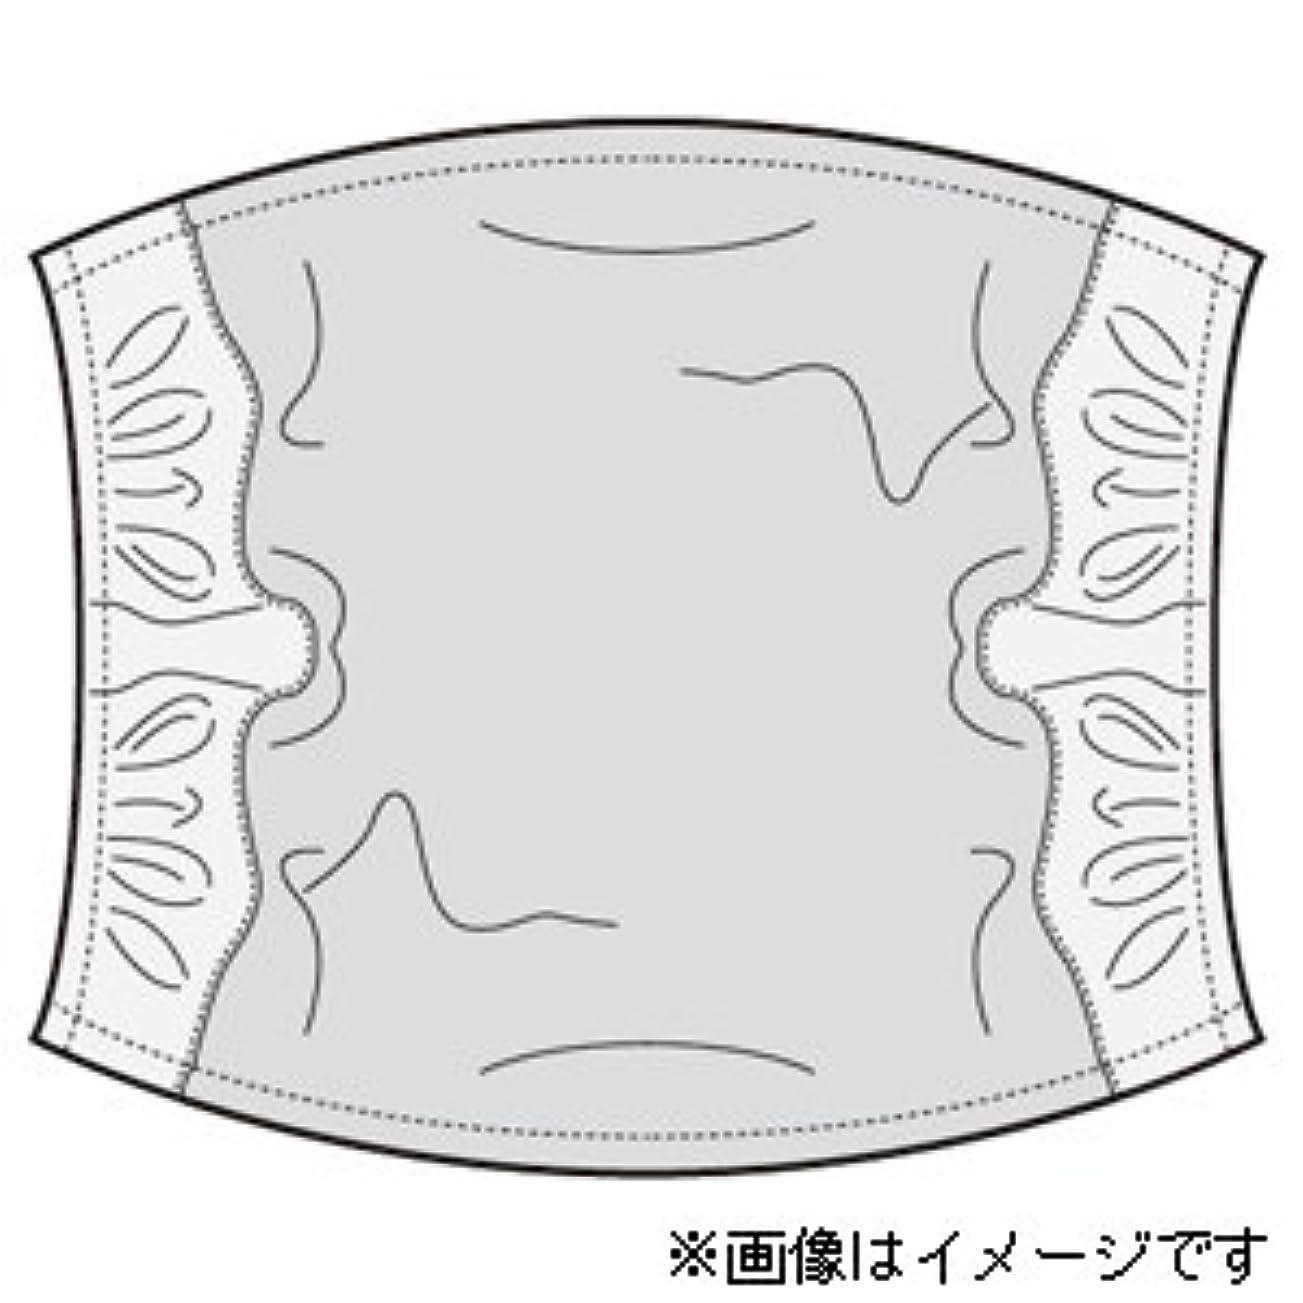 マイコン外交官プロペラオムロン 交換カバー HM-231-COVER